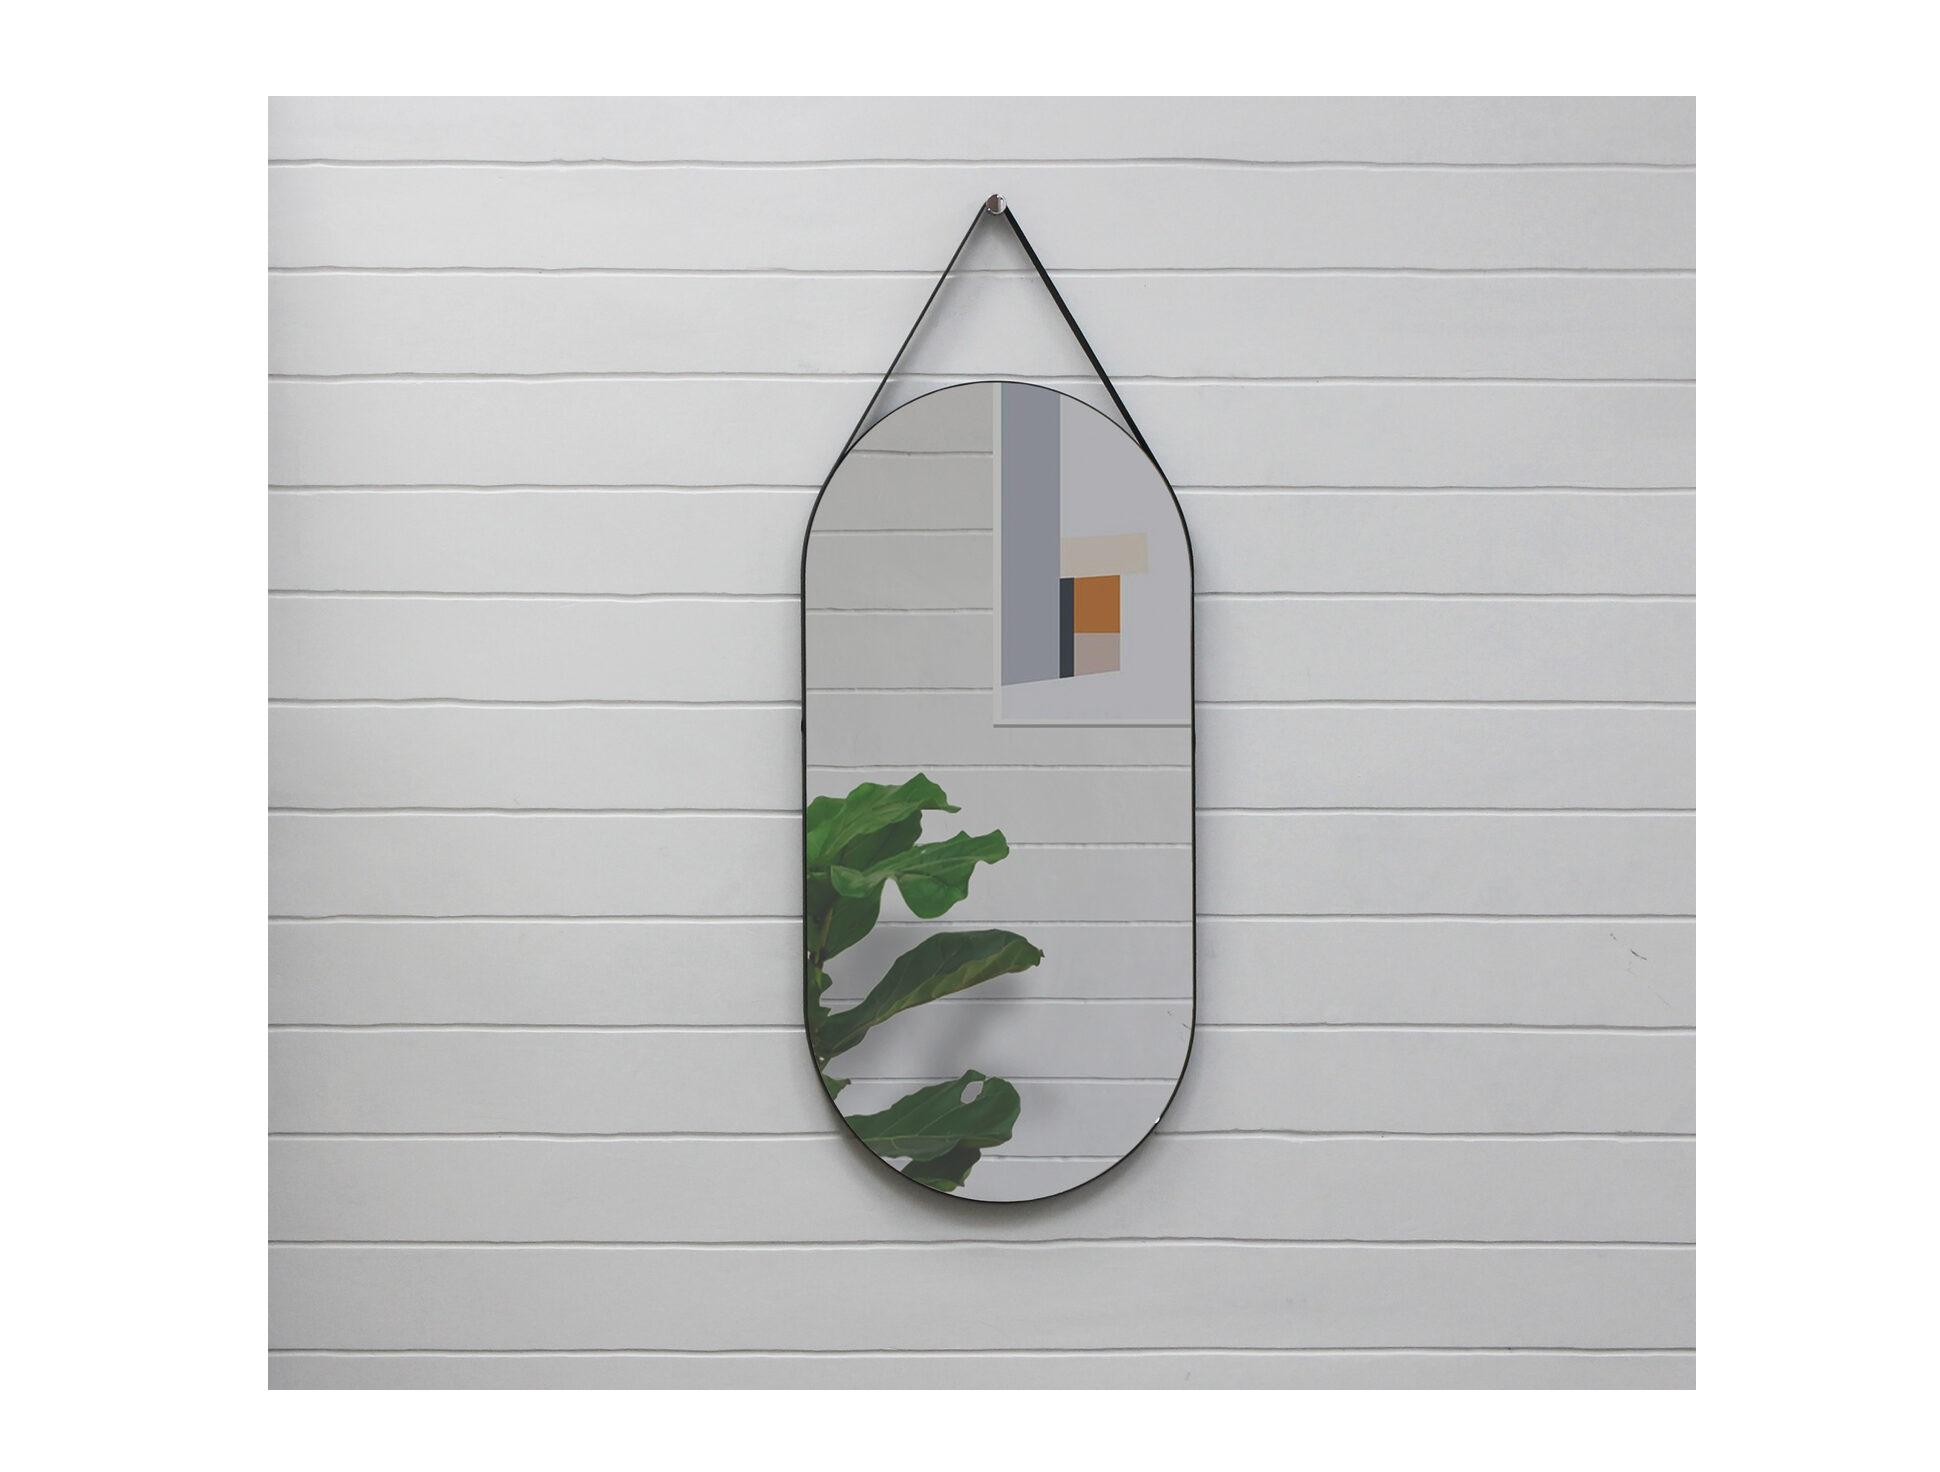 Овальное зеркало на ремне banska gralta (banska) черный 40x83x3 см.